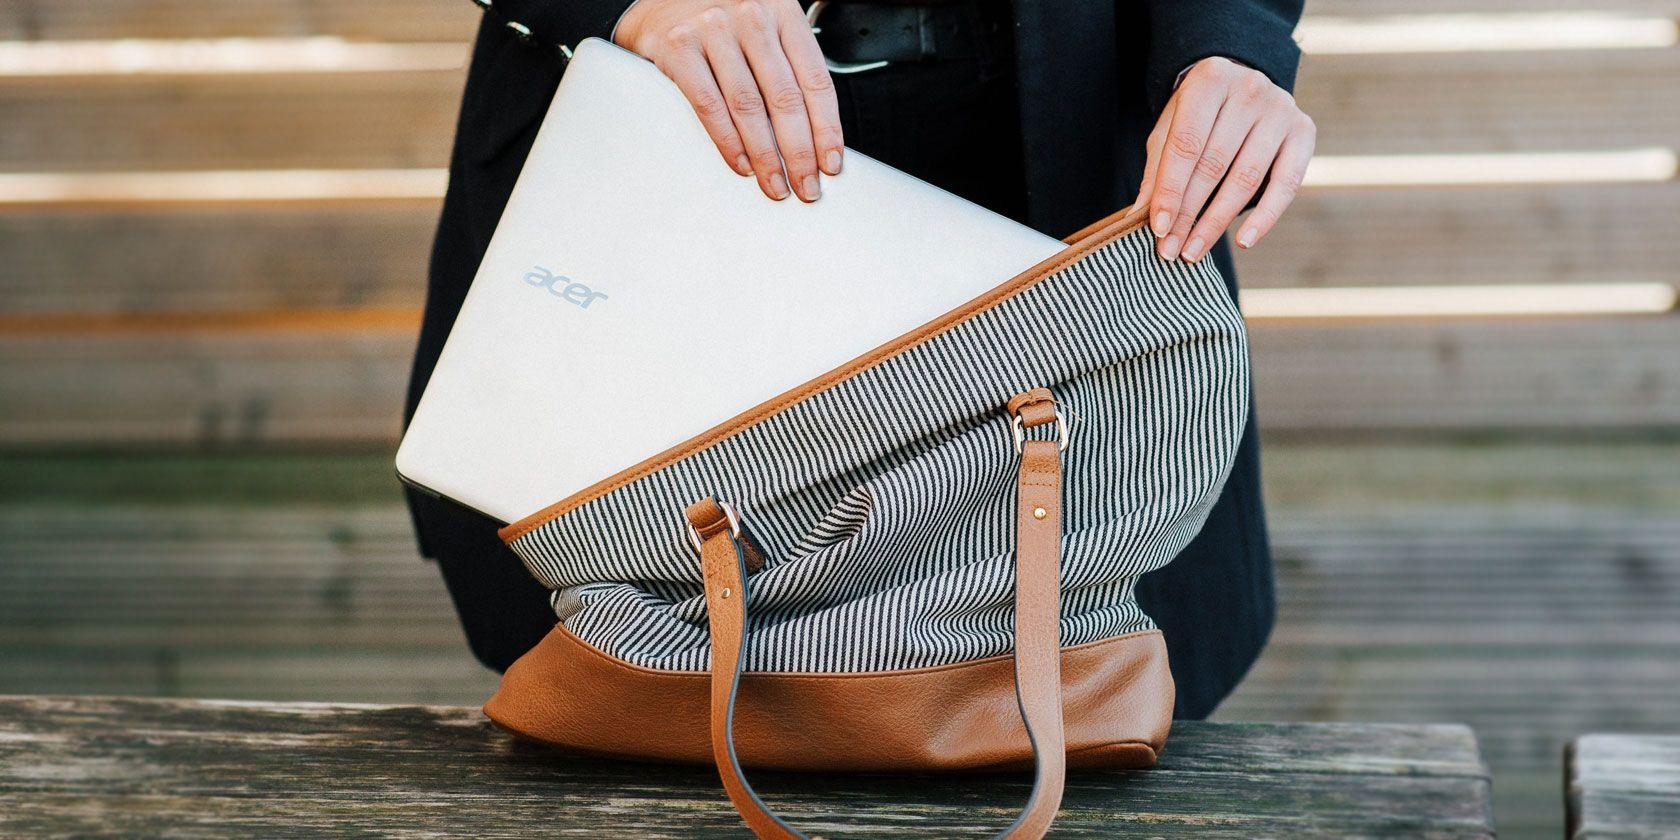 used-laptops-sale